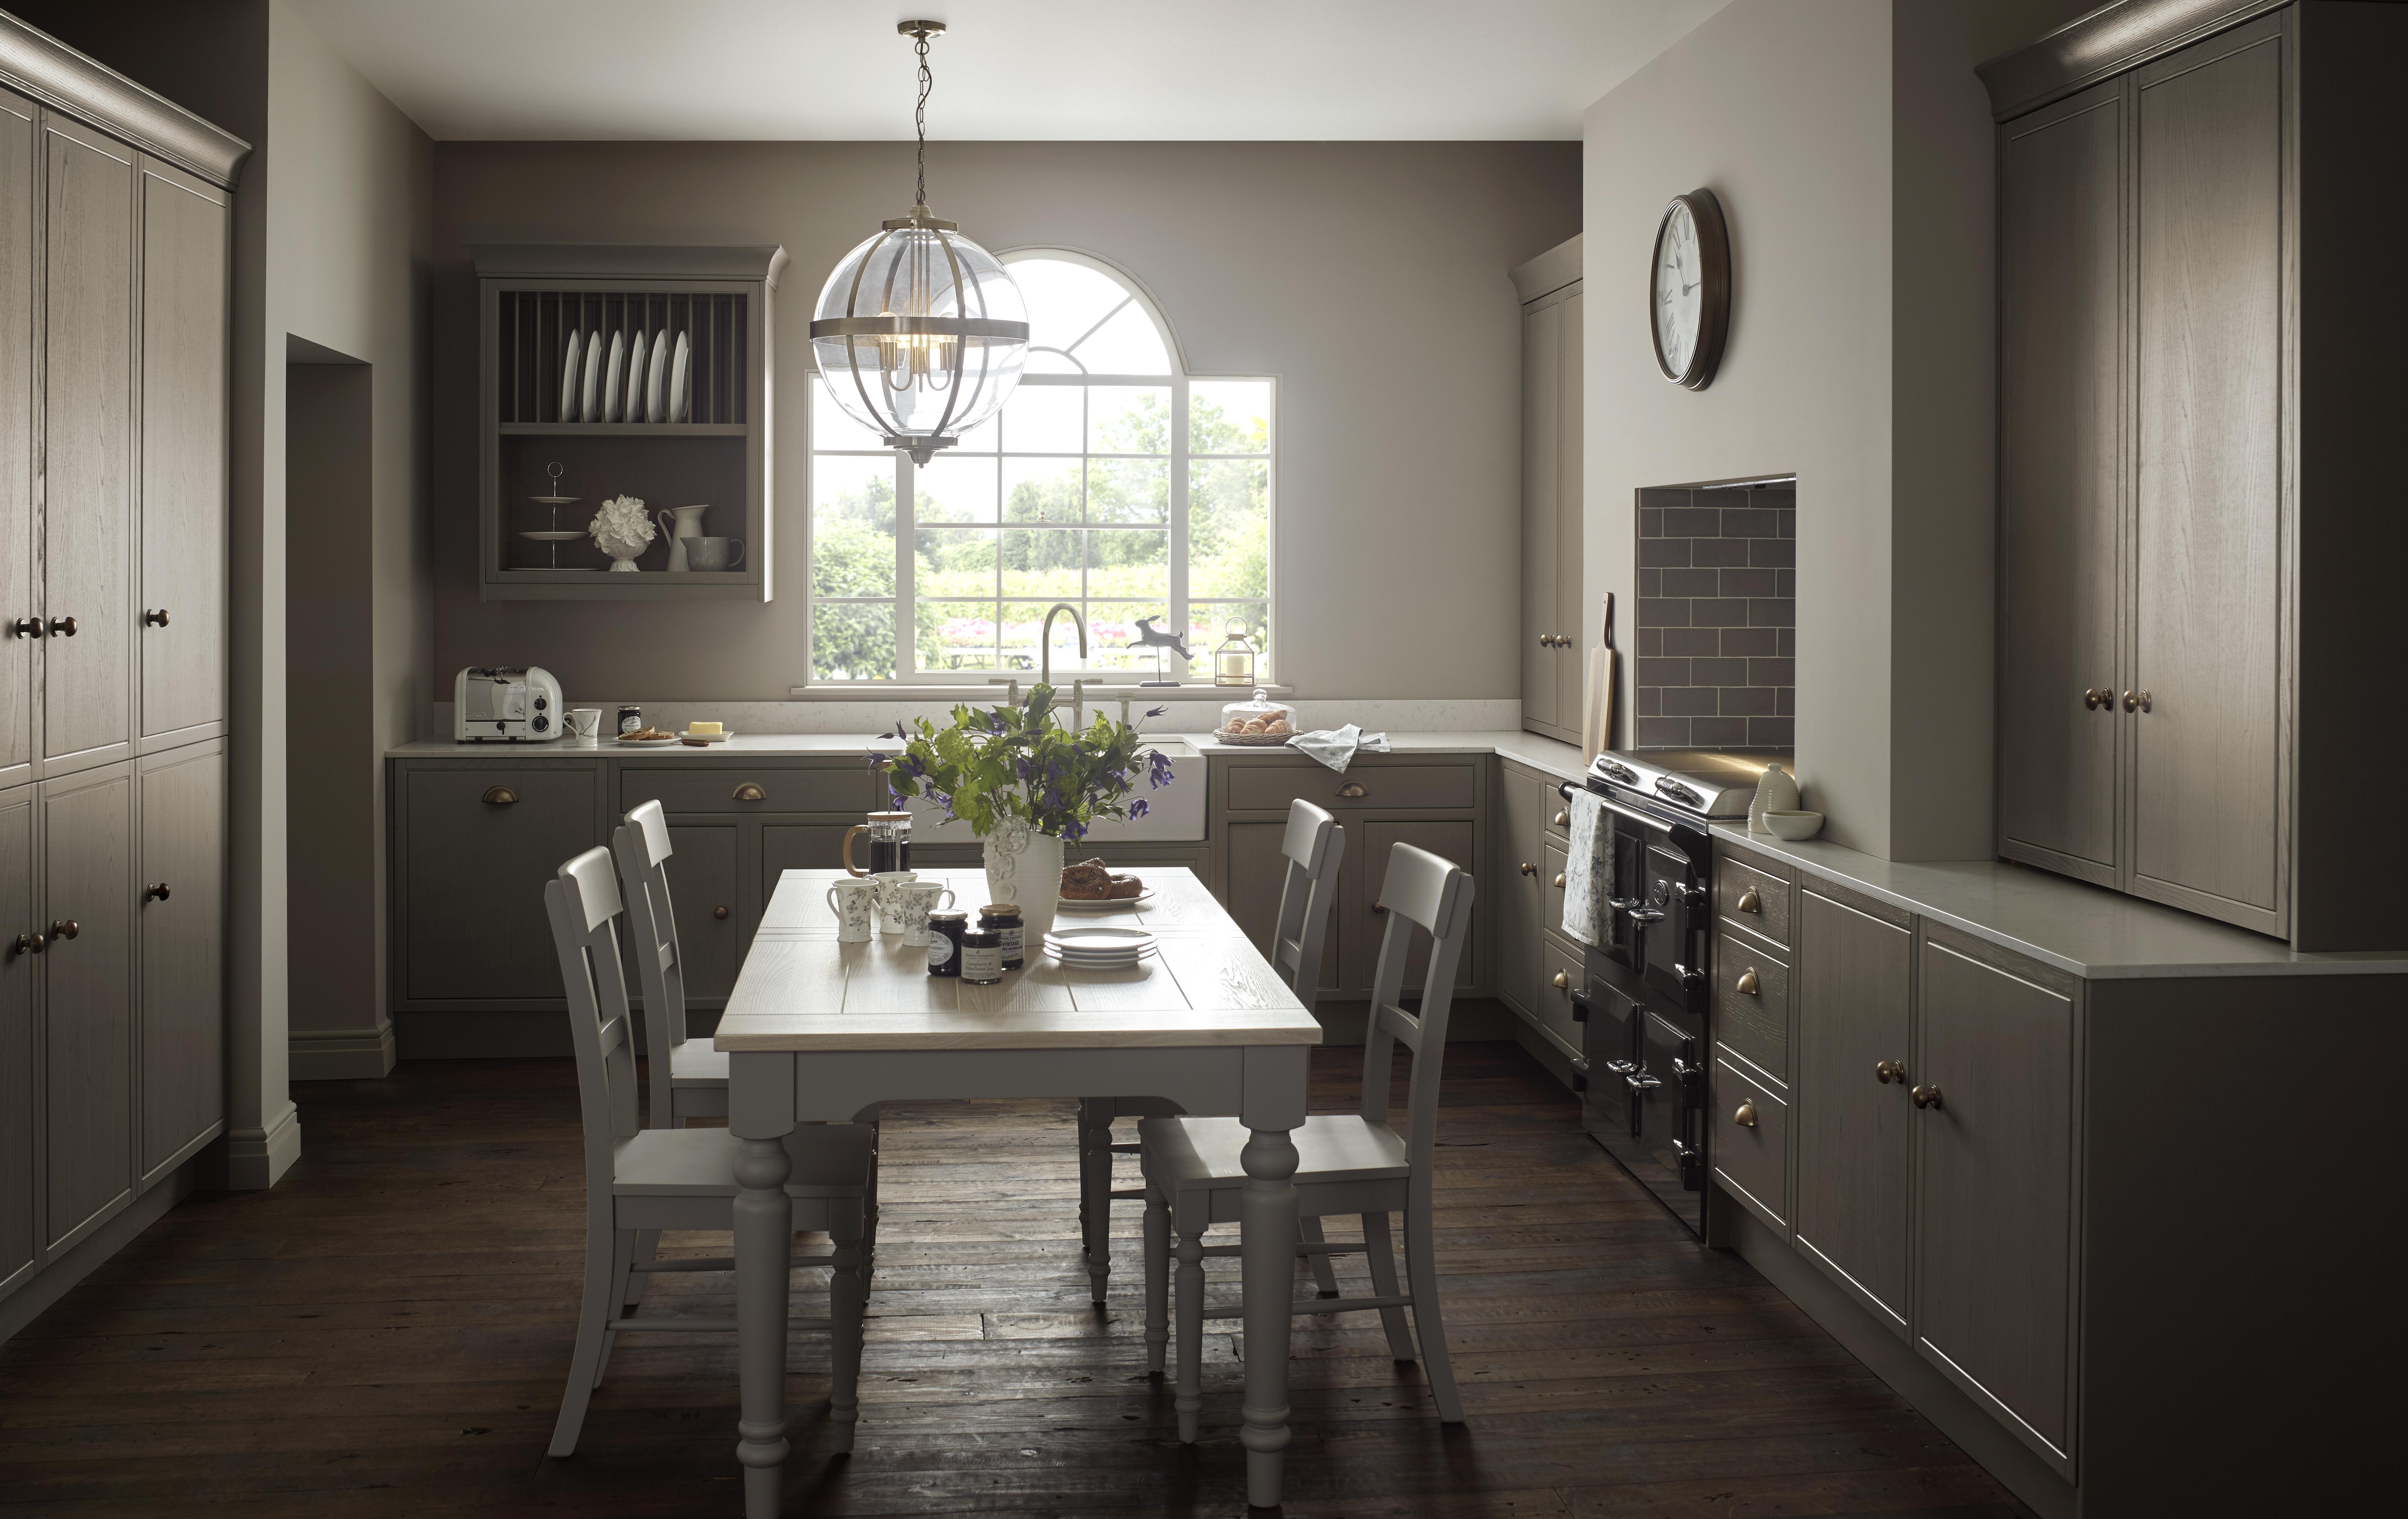 Harbury Main Kitchen DPS amd